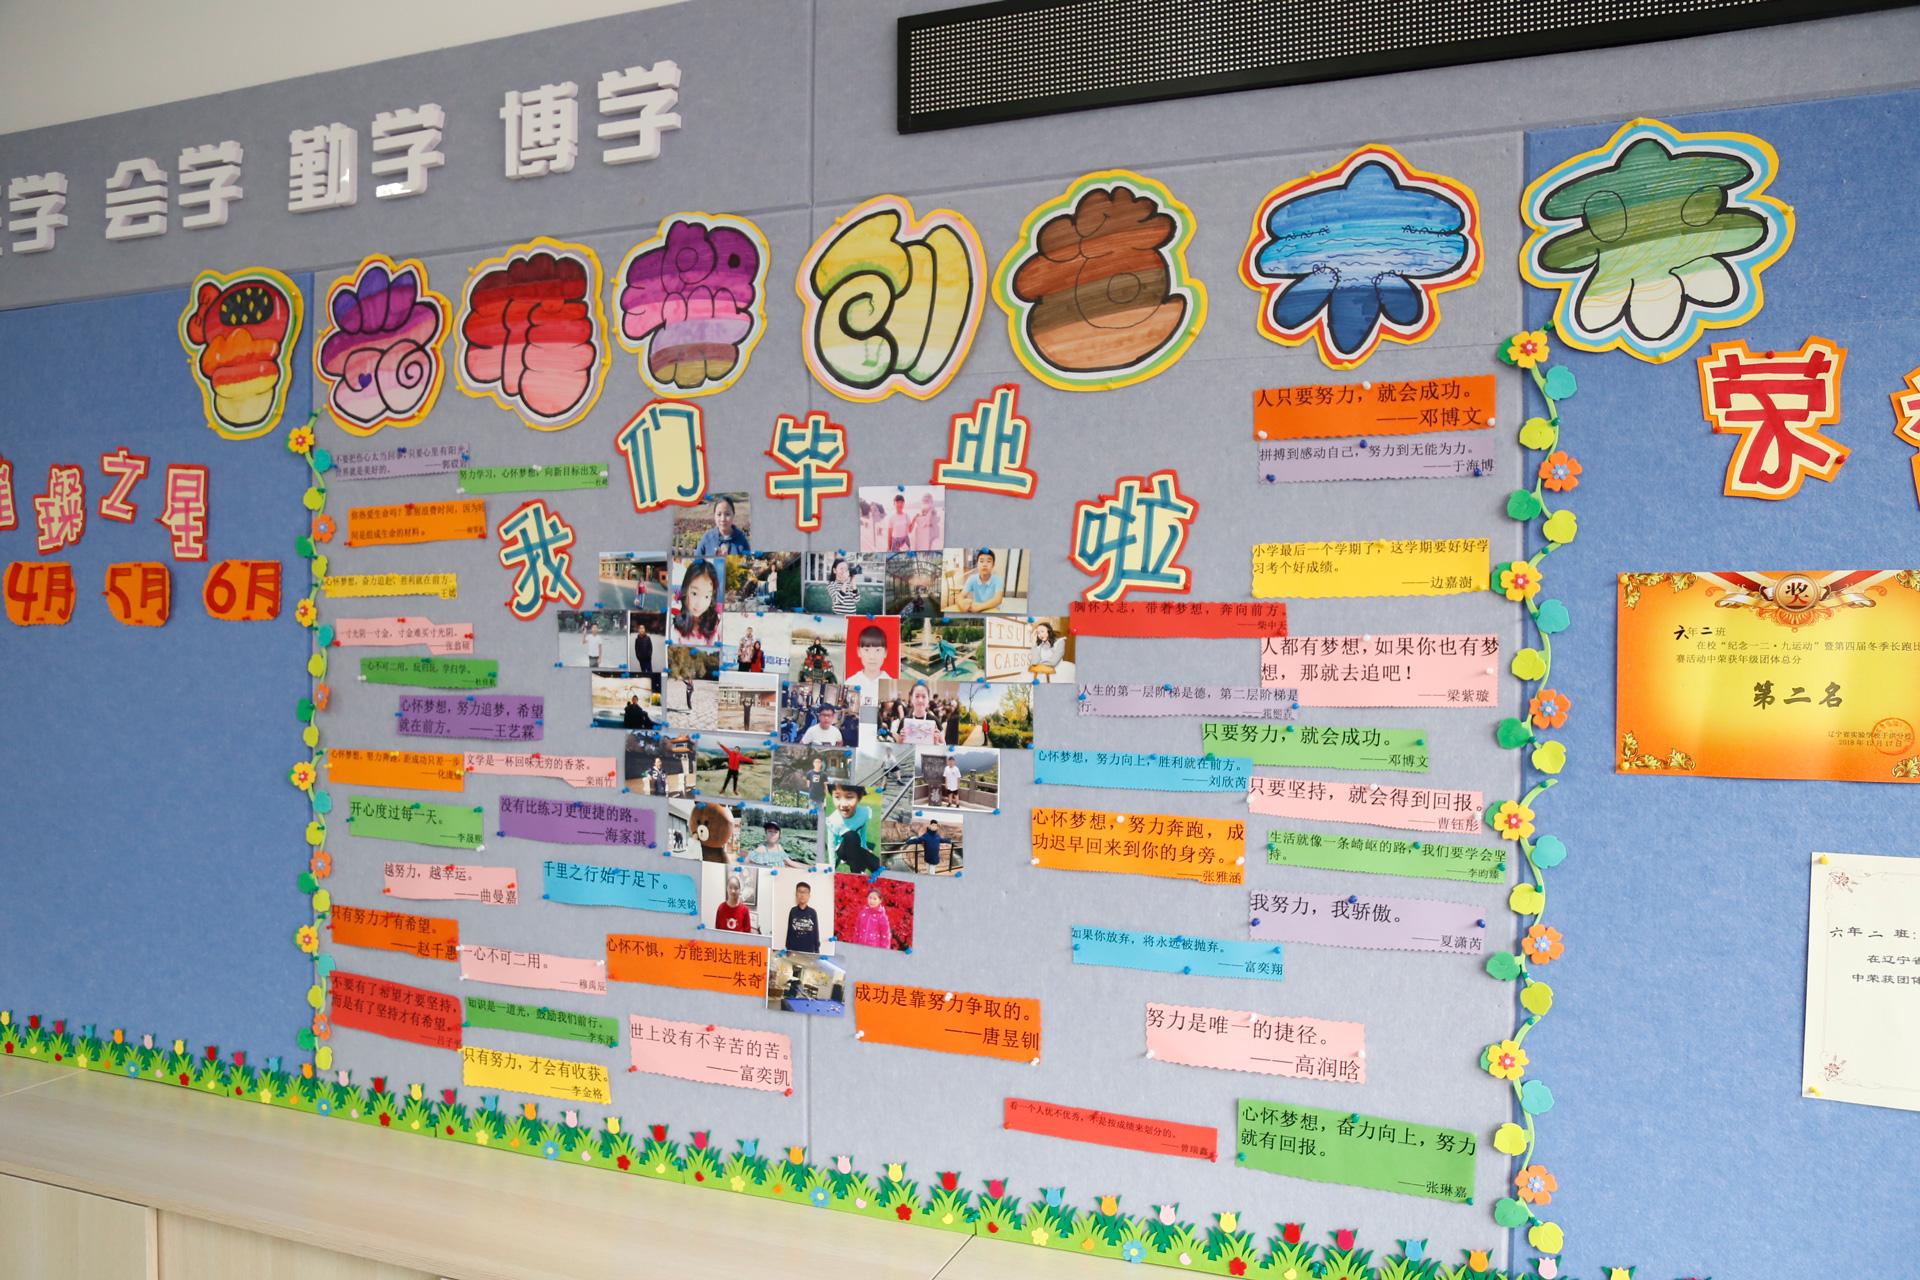 辽宁省实验学校赤山校区多彩的校园文化